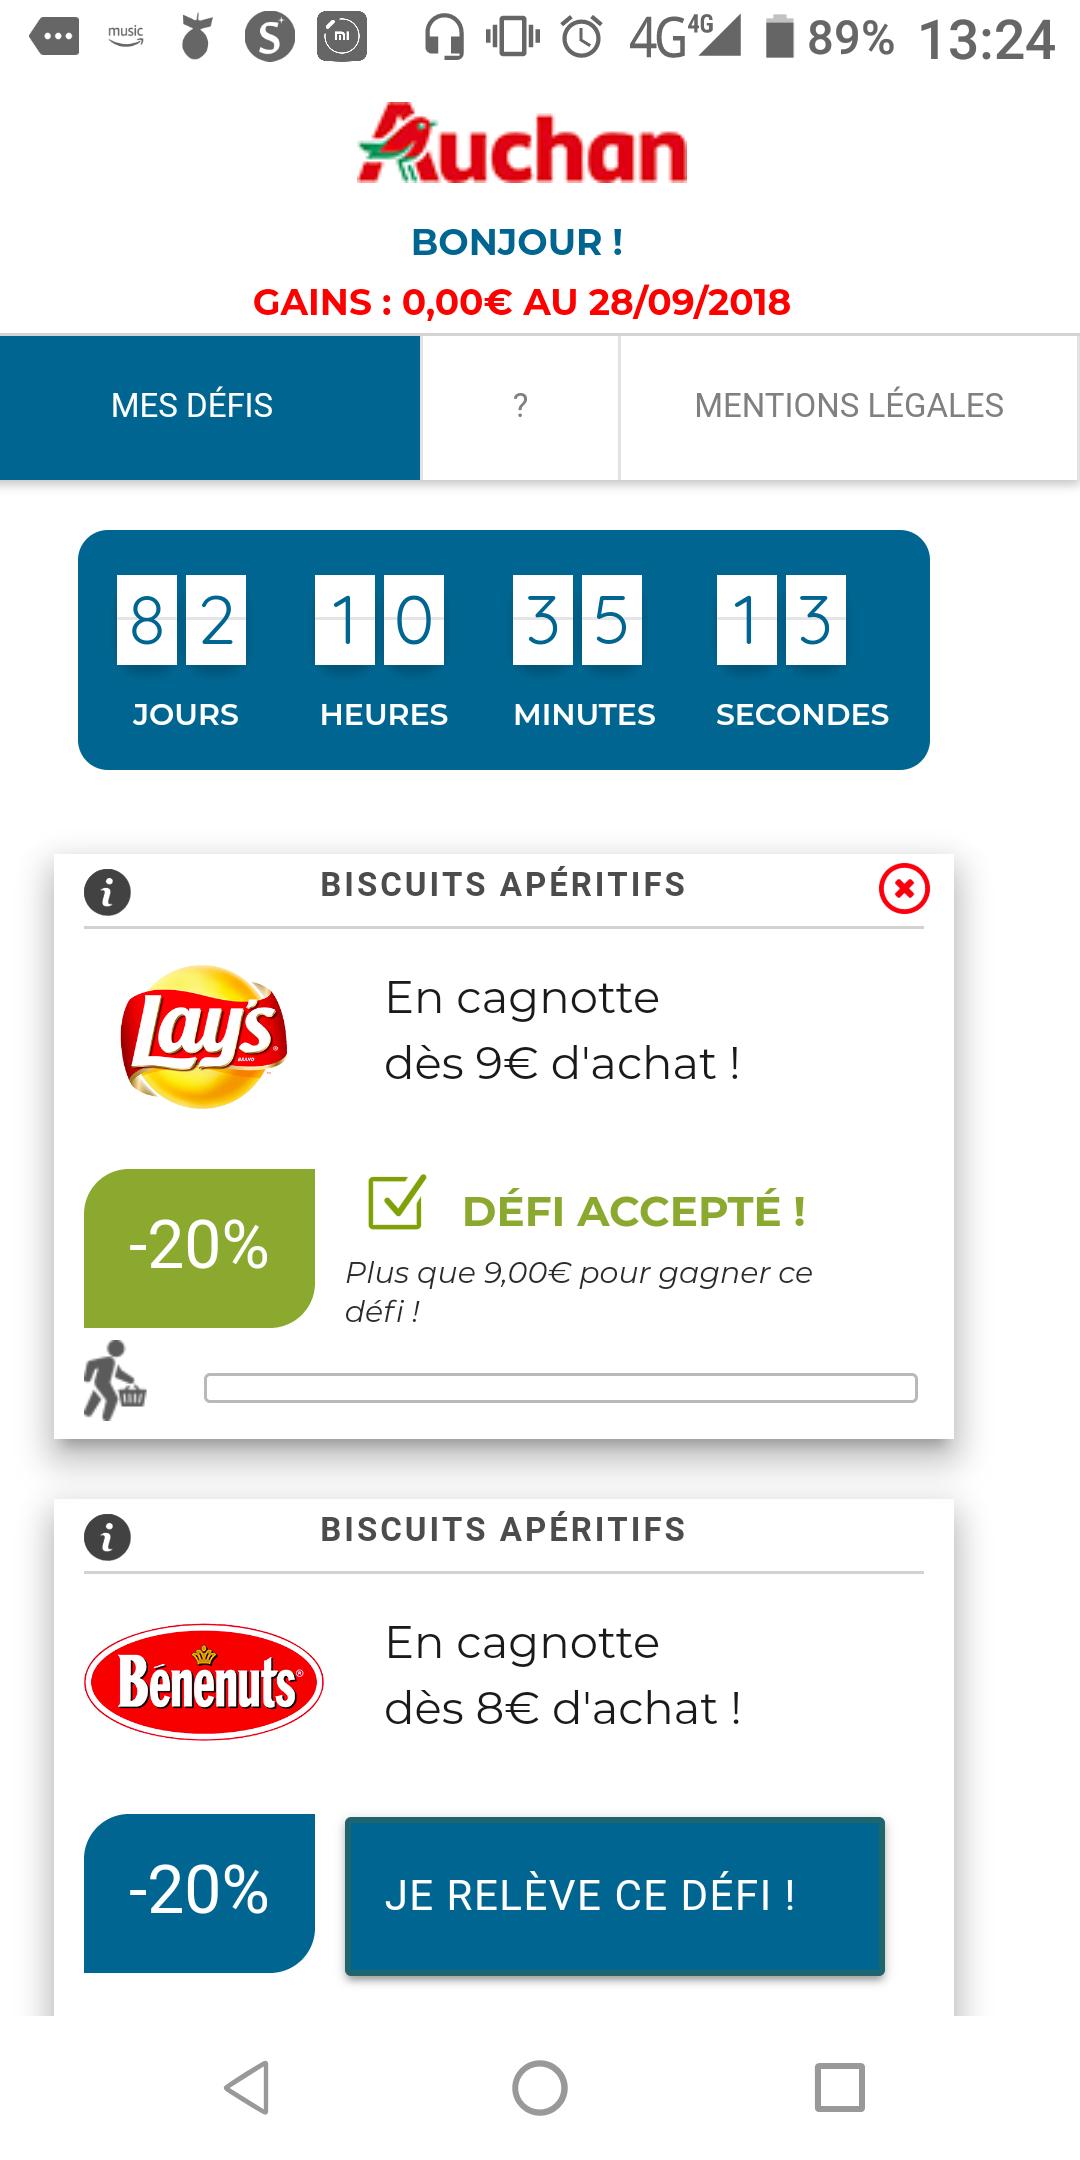 Carte Fidelite Auchan Perdue.Carte Fidelite Sous Conditions Jusqu A 70 Rembourses Sur La